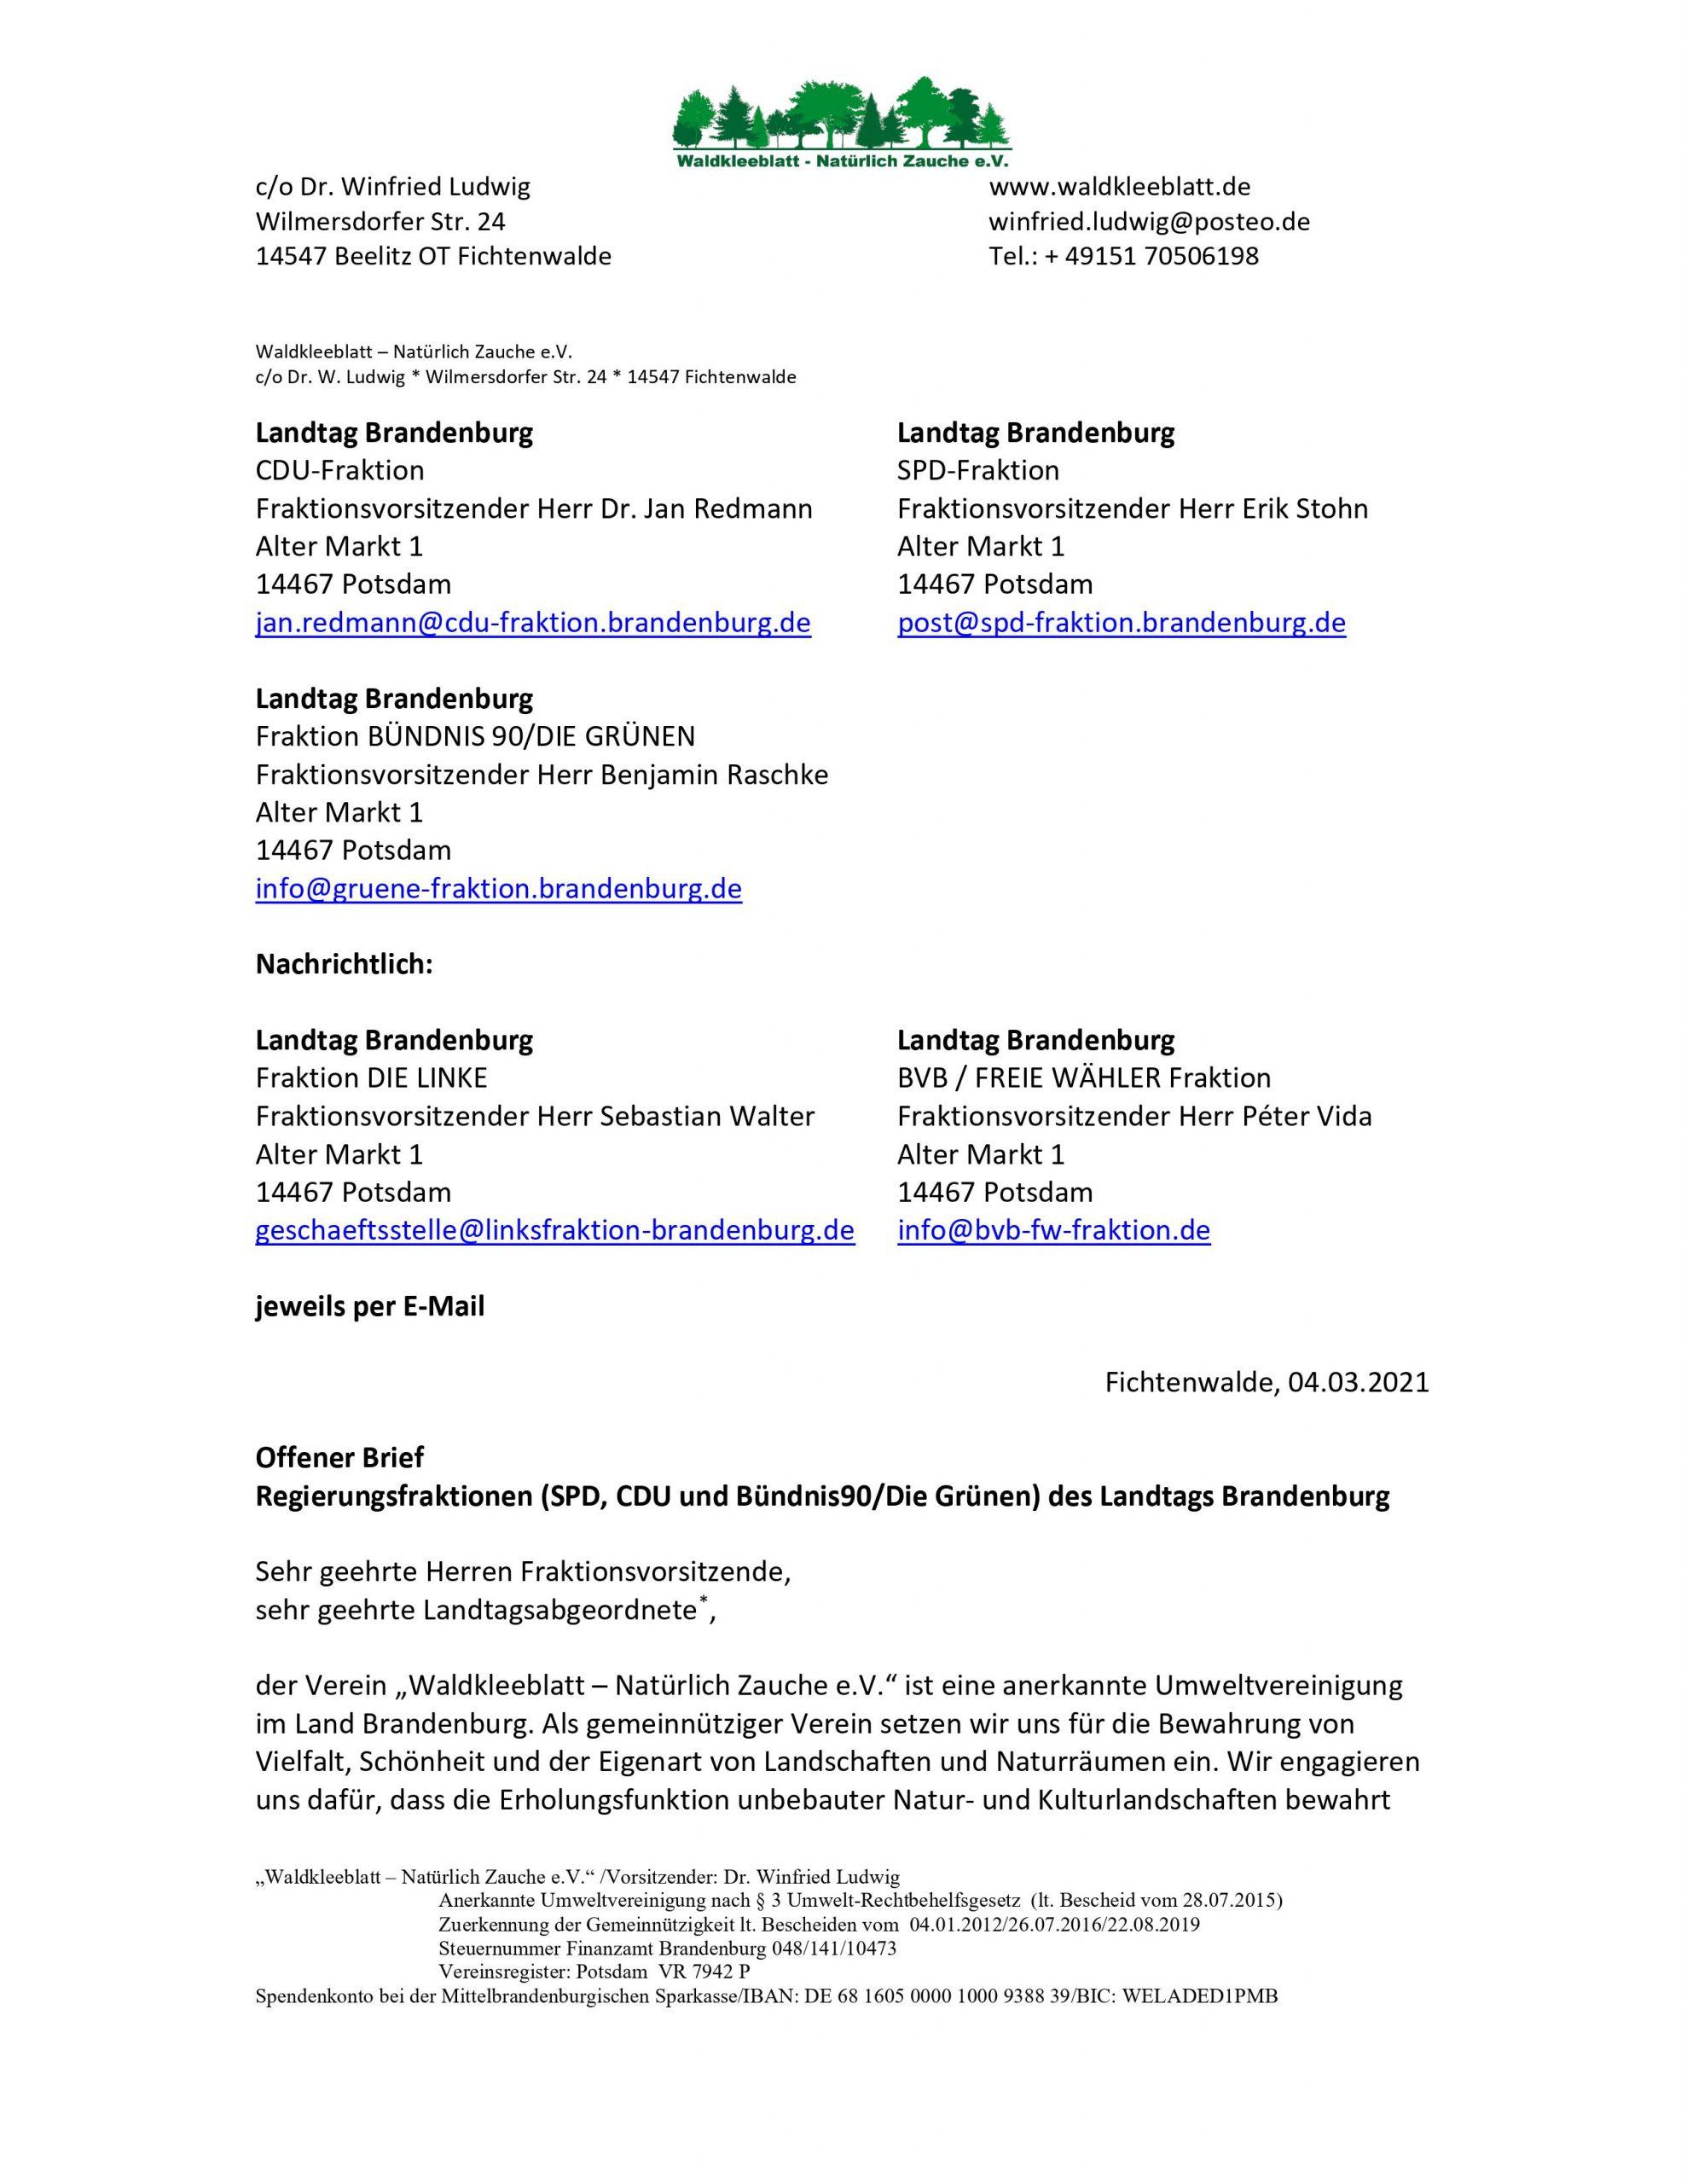 Offener Brief Fraktionen 1